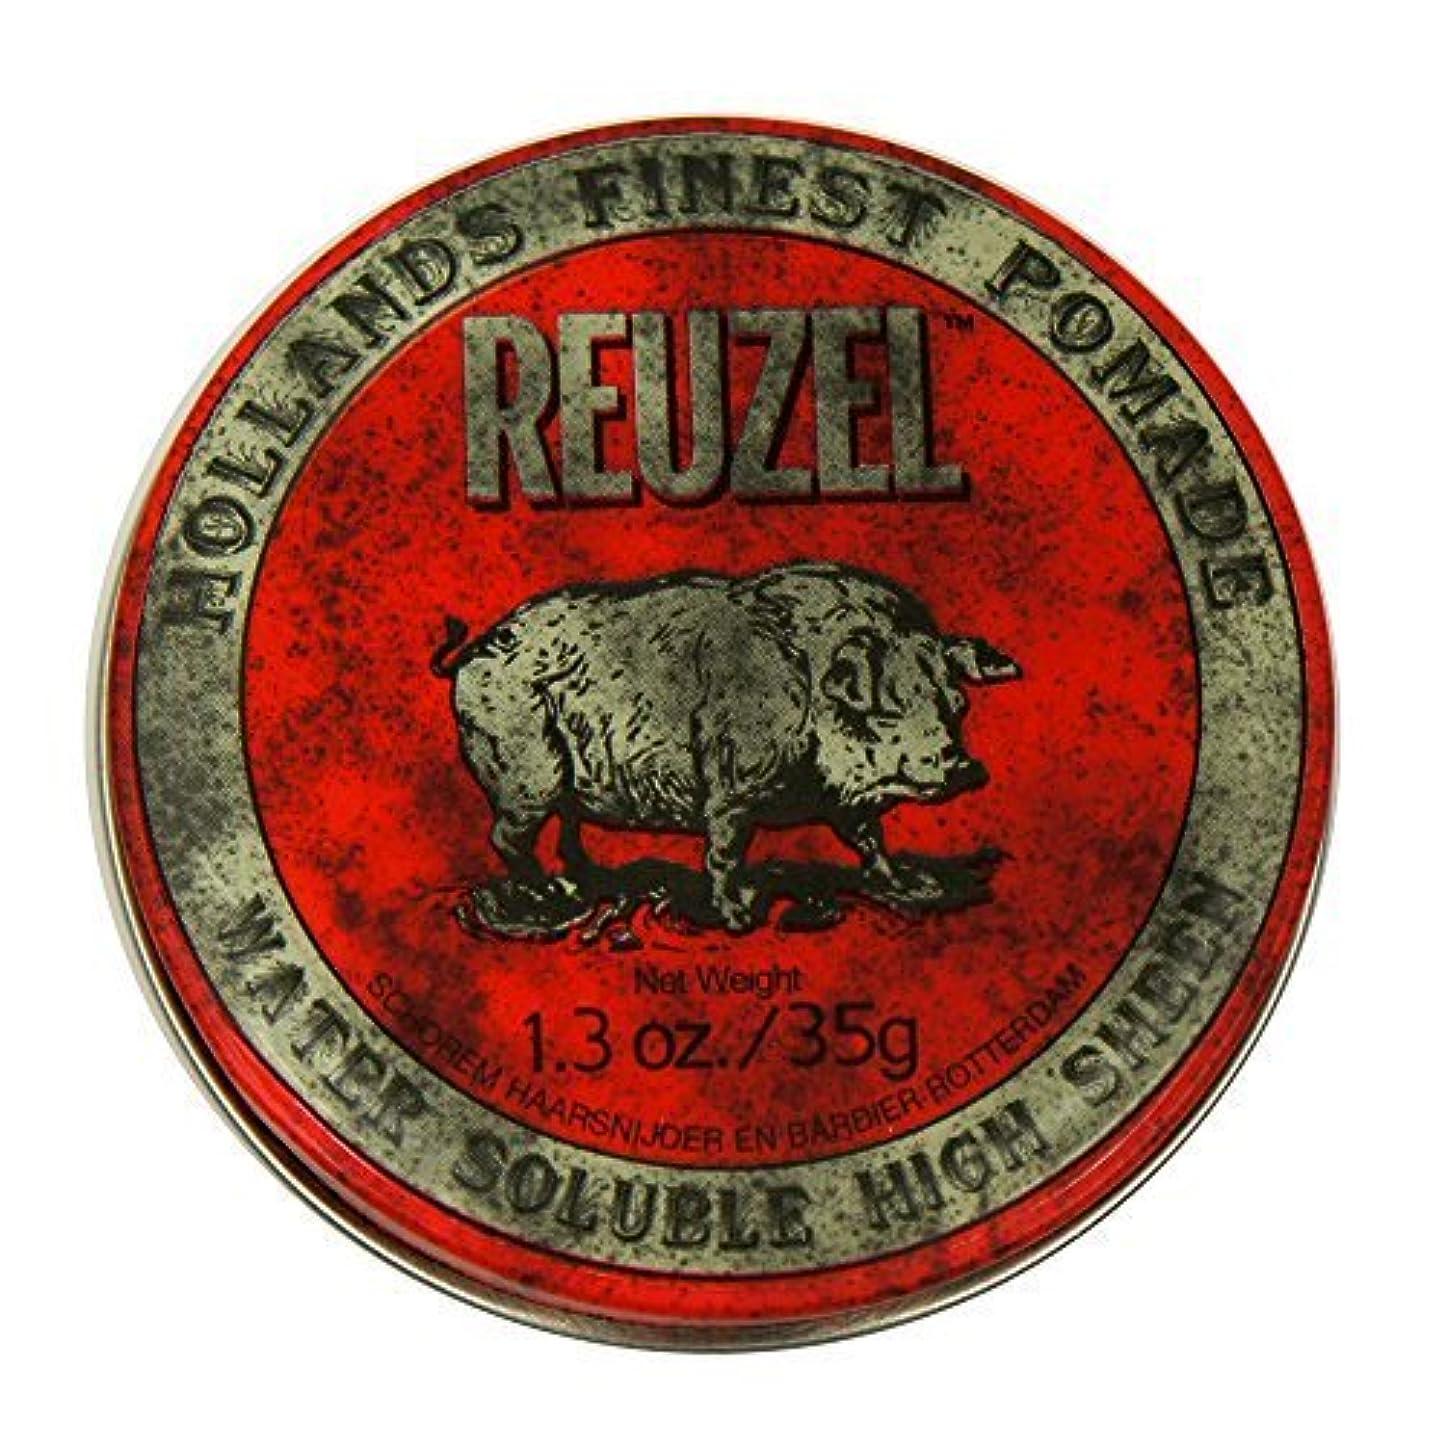 洞察力のある故障アンケートReuzel Red Hair Pomade Piglet 1.3oz [並行輸入品]